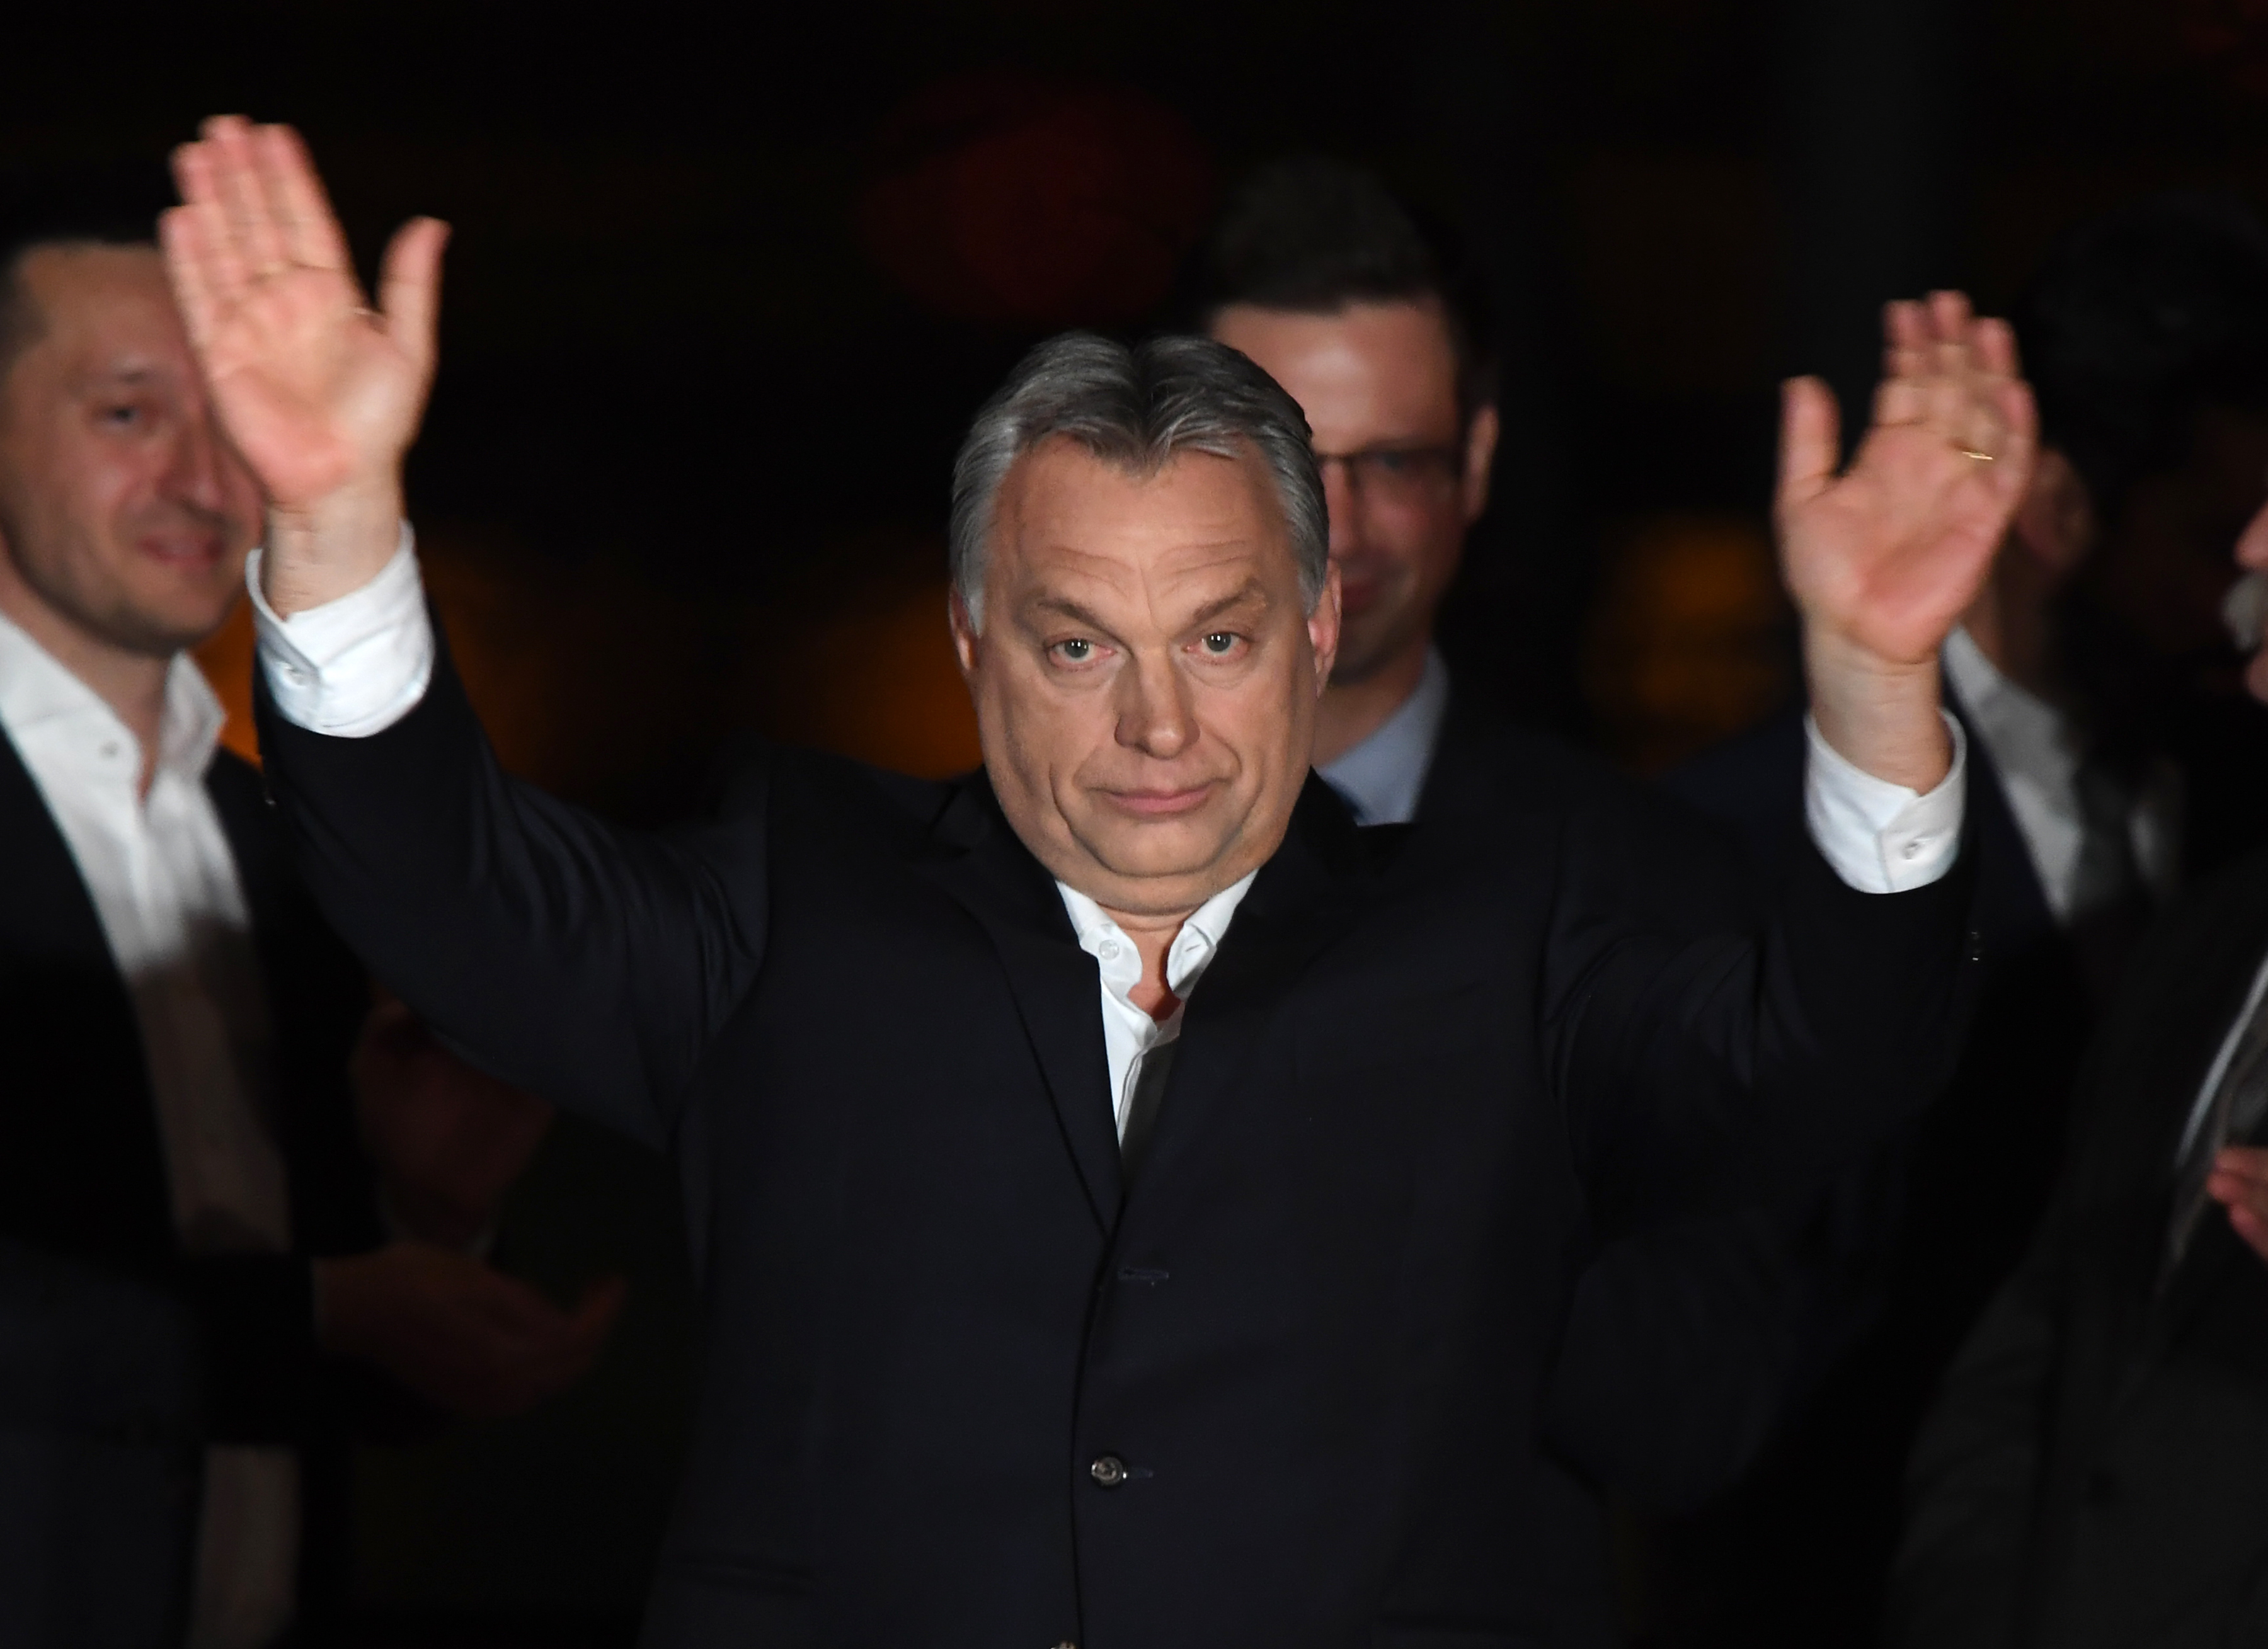 Az áprilisi választással új politikai korszak kezdődött, a Fidesz hatalma bebetonozódott